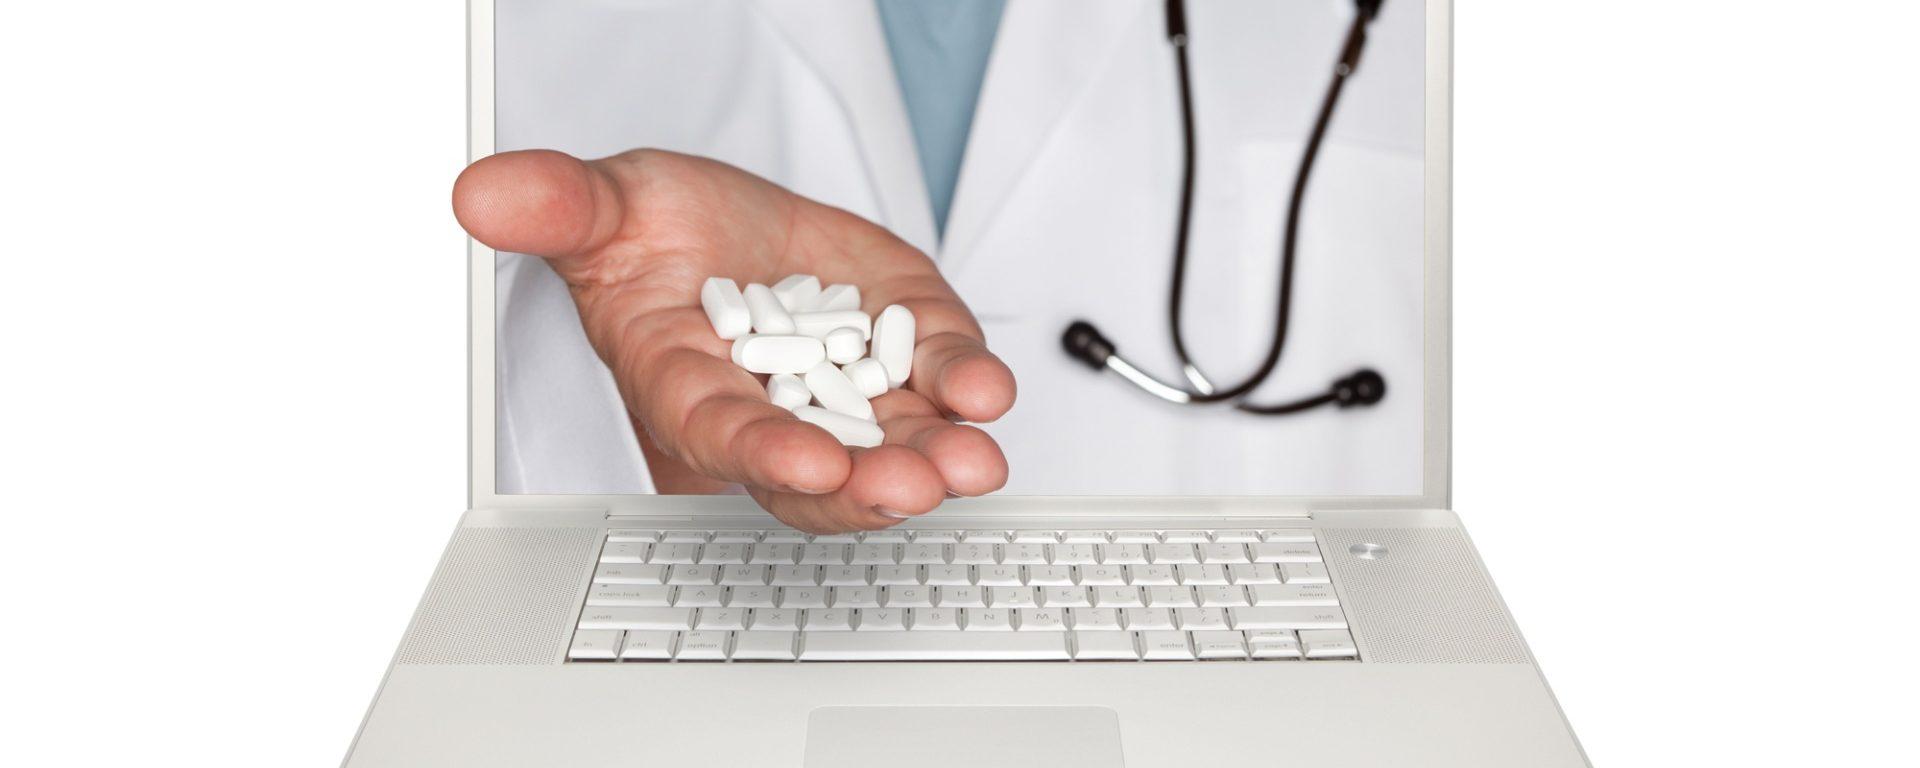 Für mehr Sicherheit beim Online-Kauf von Medikamenten: EU-Versandhandelslogo